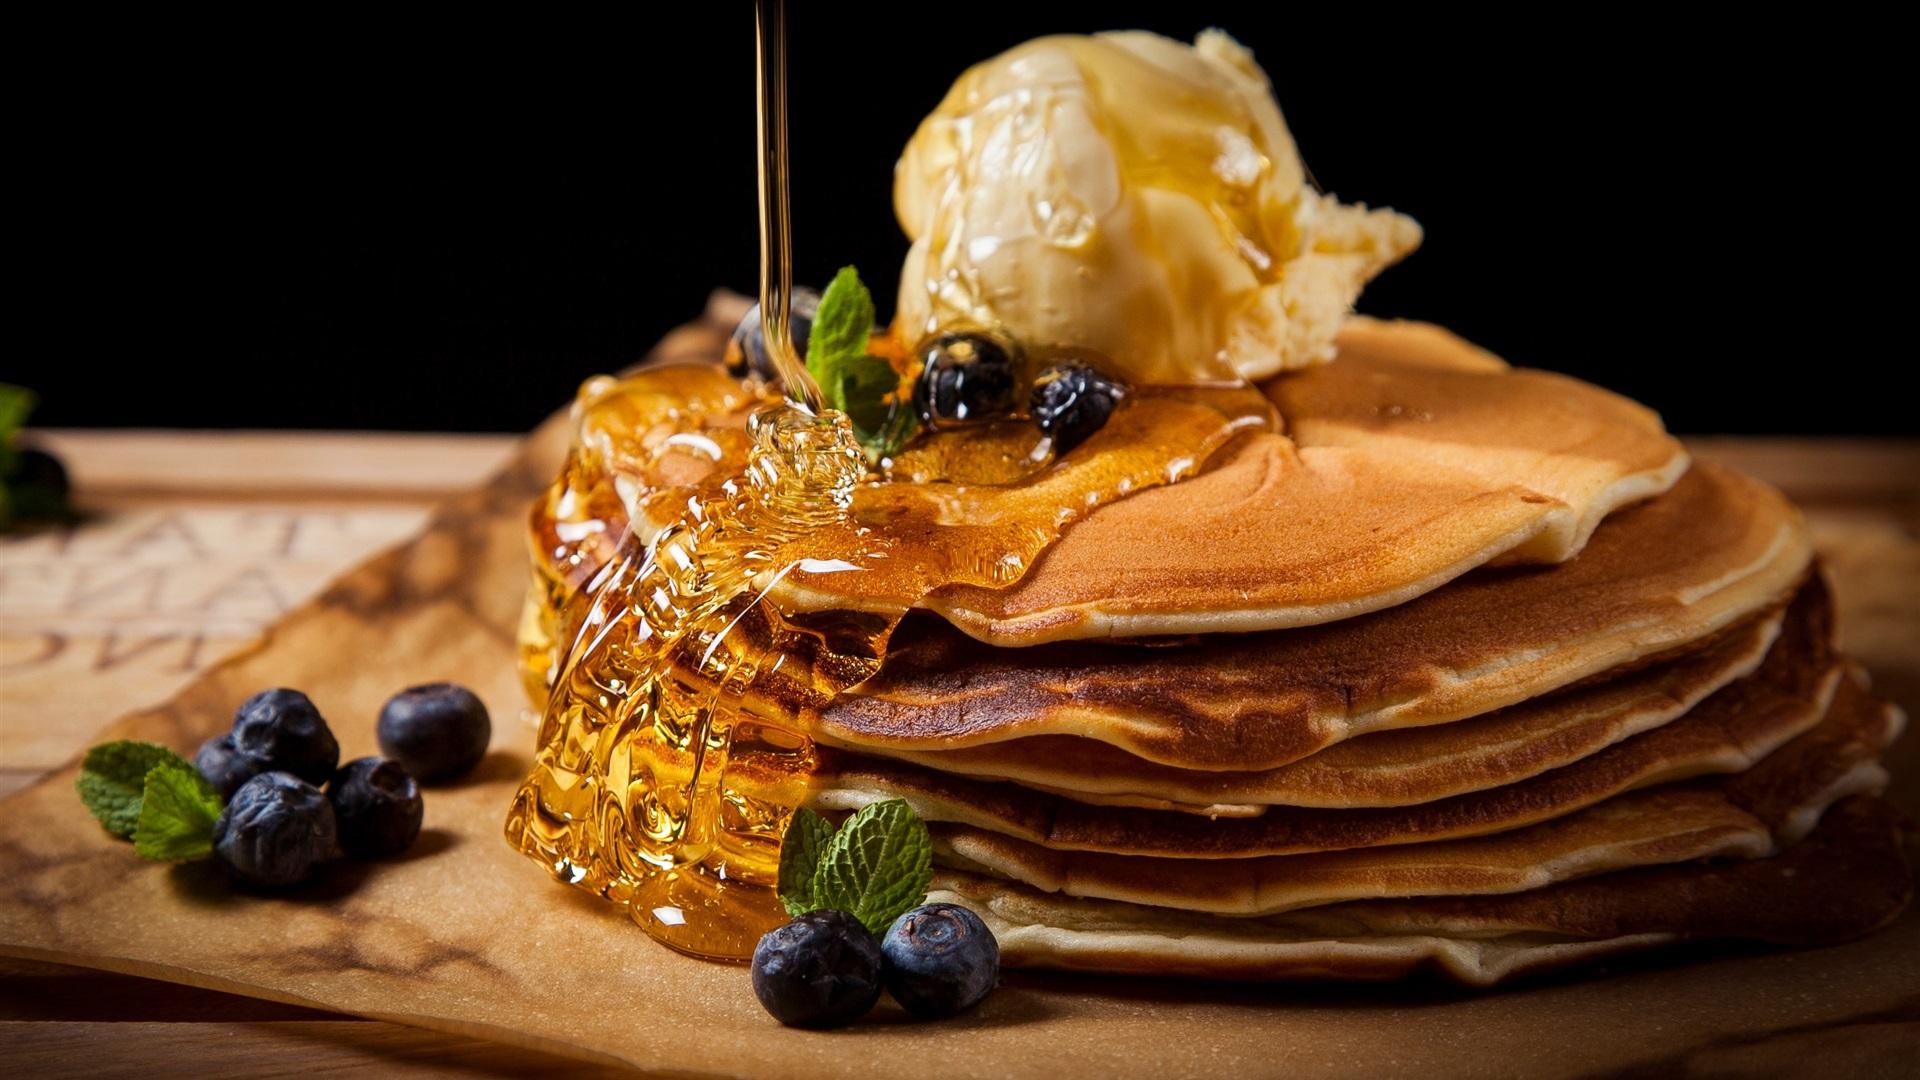 壁紙 パンケーキ 蜂蜜 果実 食べ物 x1800 Hd 無料のデスクトップの背景 画像